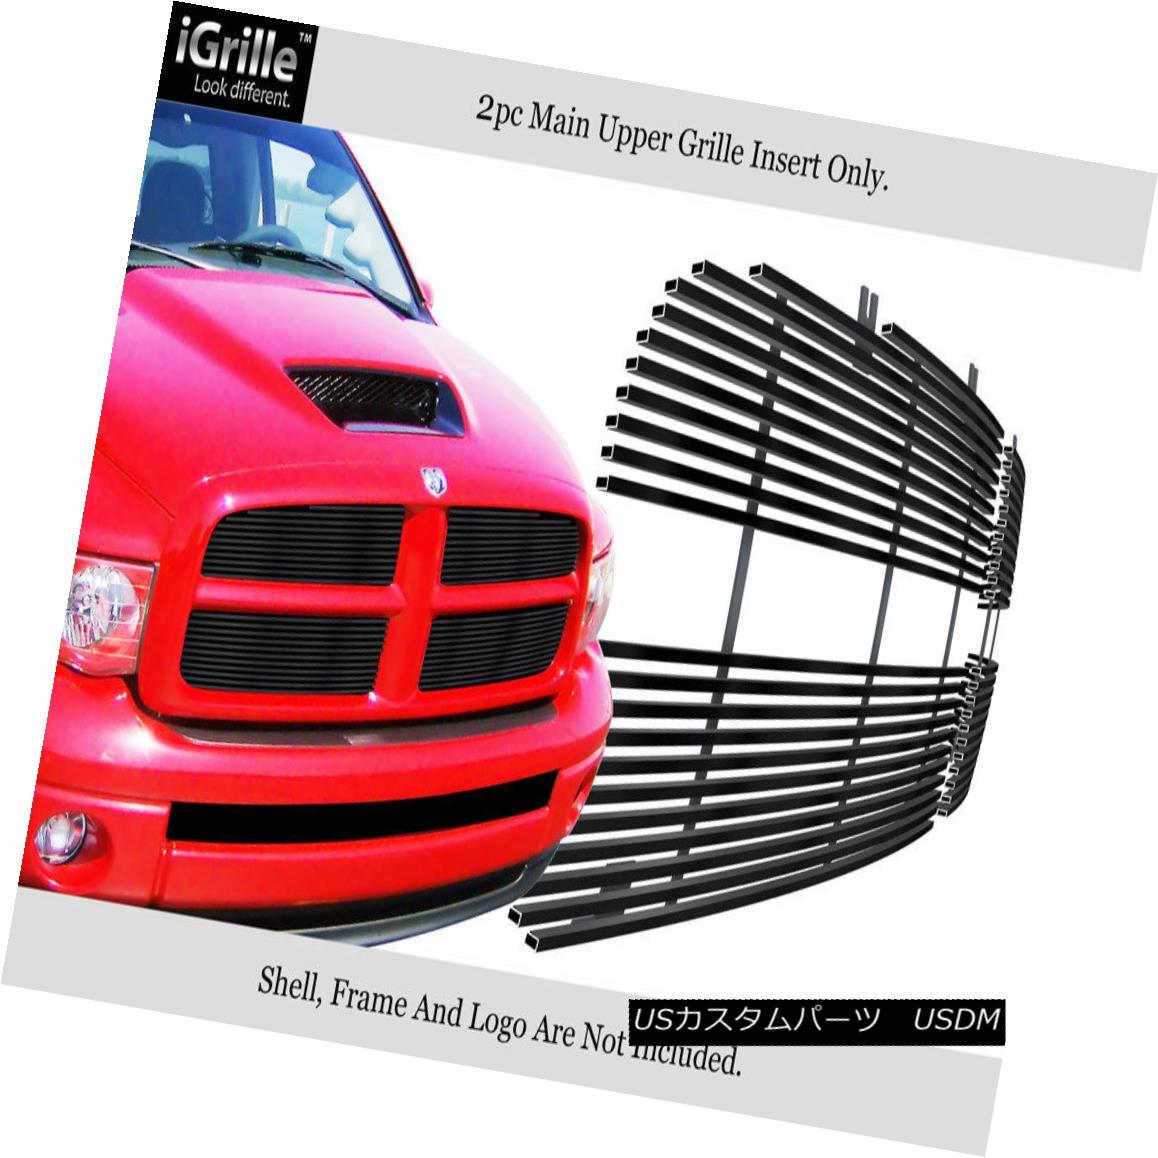 グリル Fits 2002-2005 Dodge Ram Black Stainless Steel Billet Grille Grill Insert フィット2002-2005ダッジラムブラックステンレス鋼ビレットグリルグリルインサート